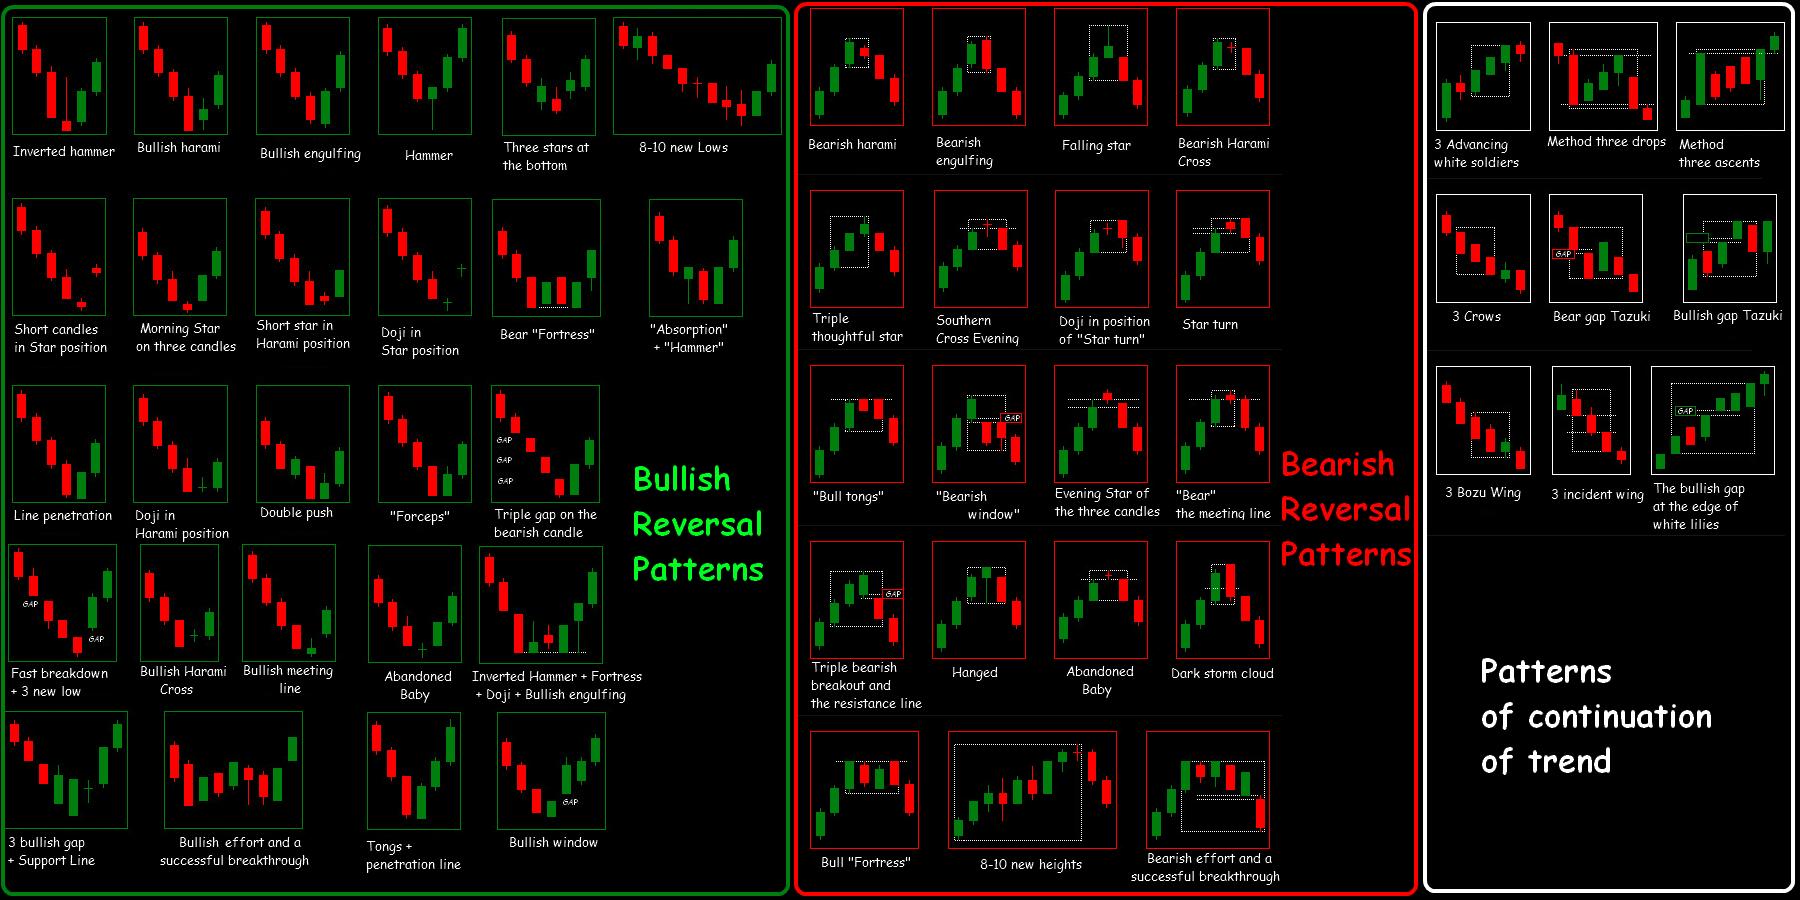 bináris opciók valódi pénzbe történő befektetés nélkül